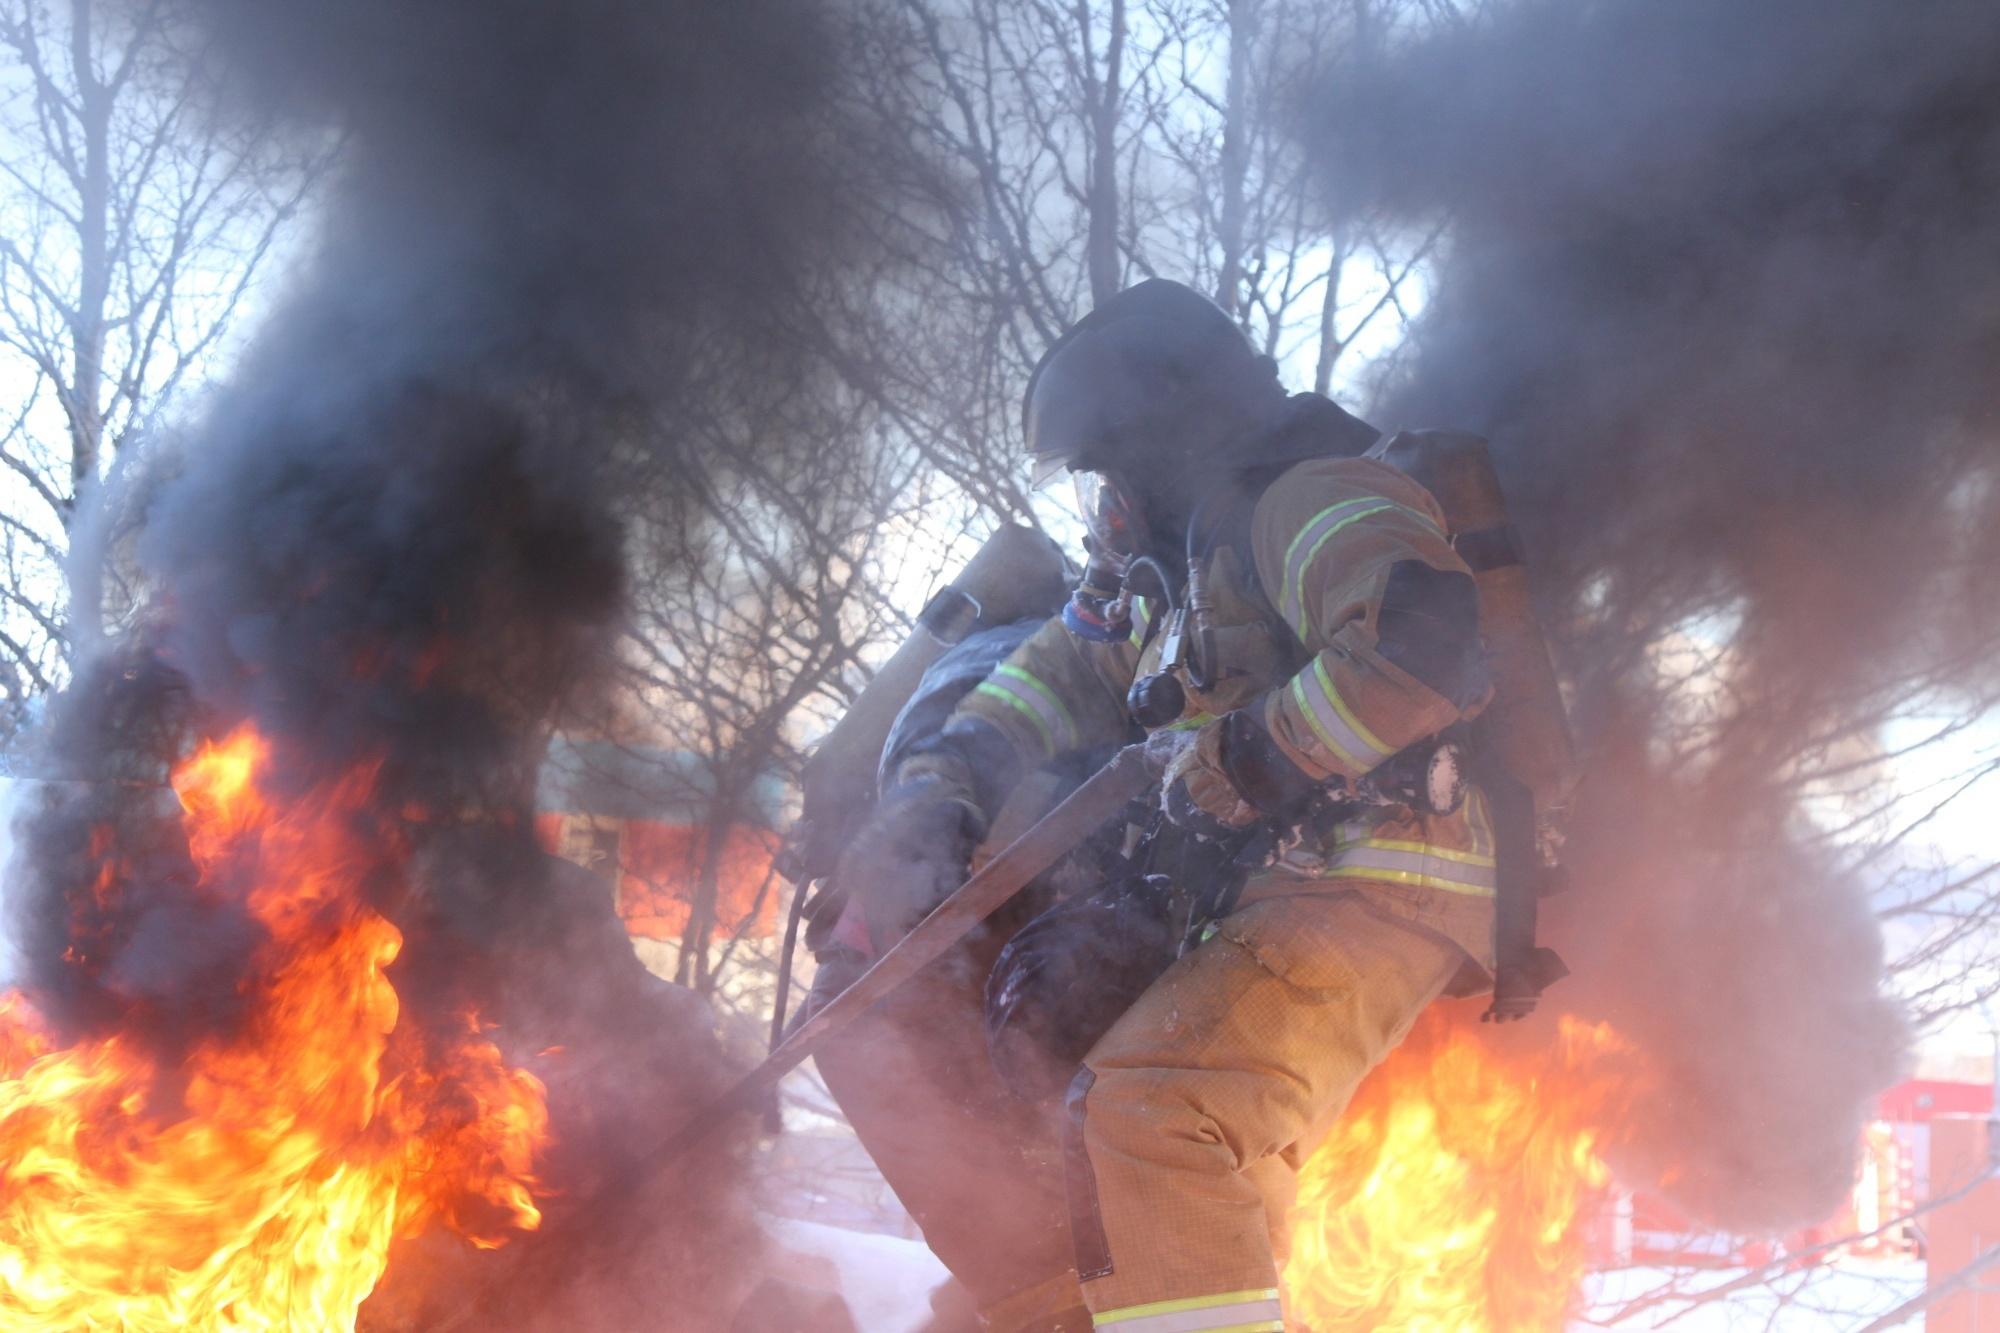 В Чите сгорел гараж — МЧС России по Забайкальскому краю